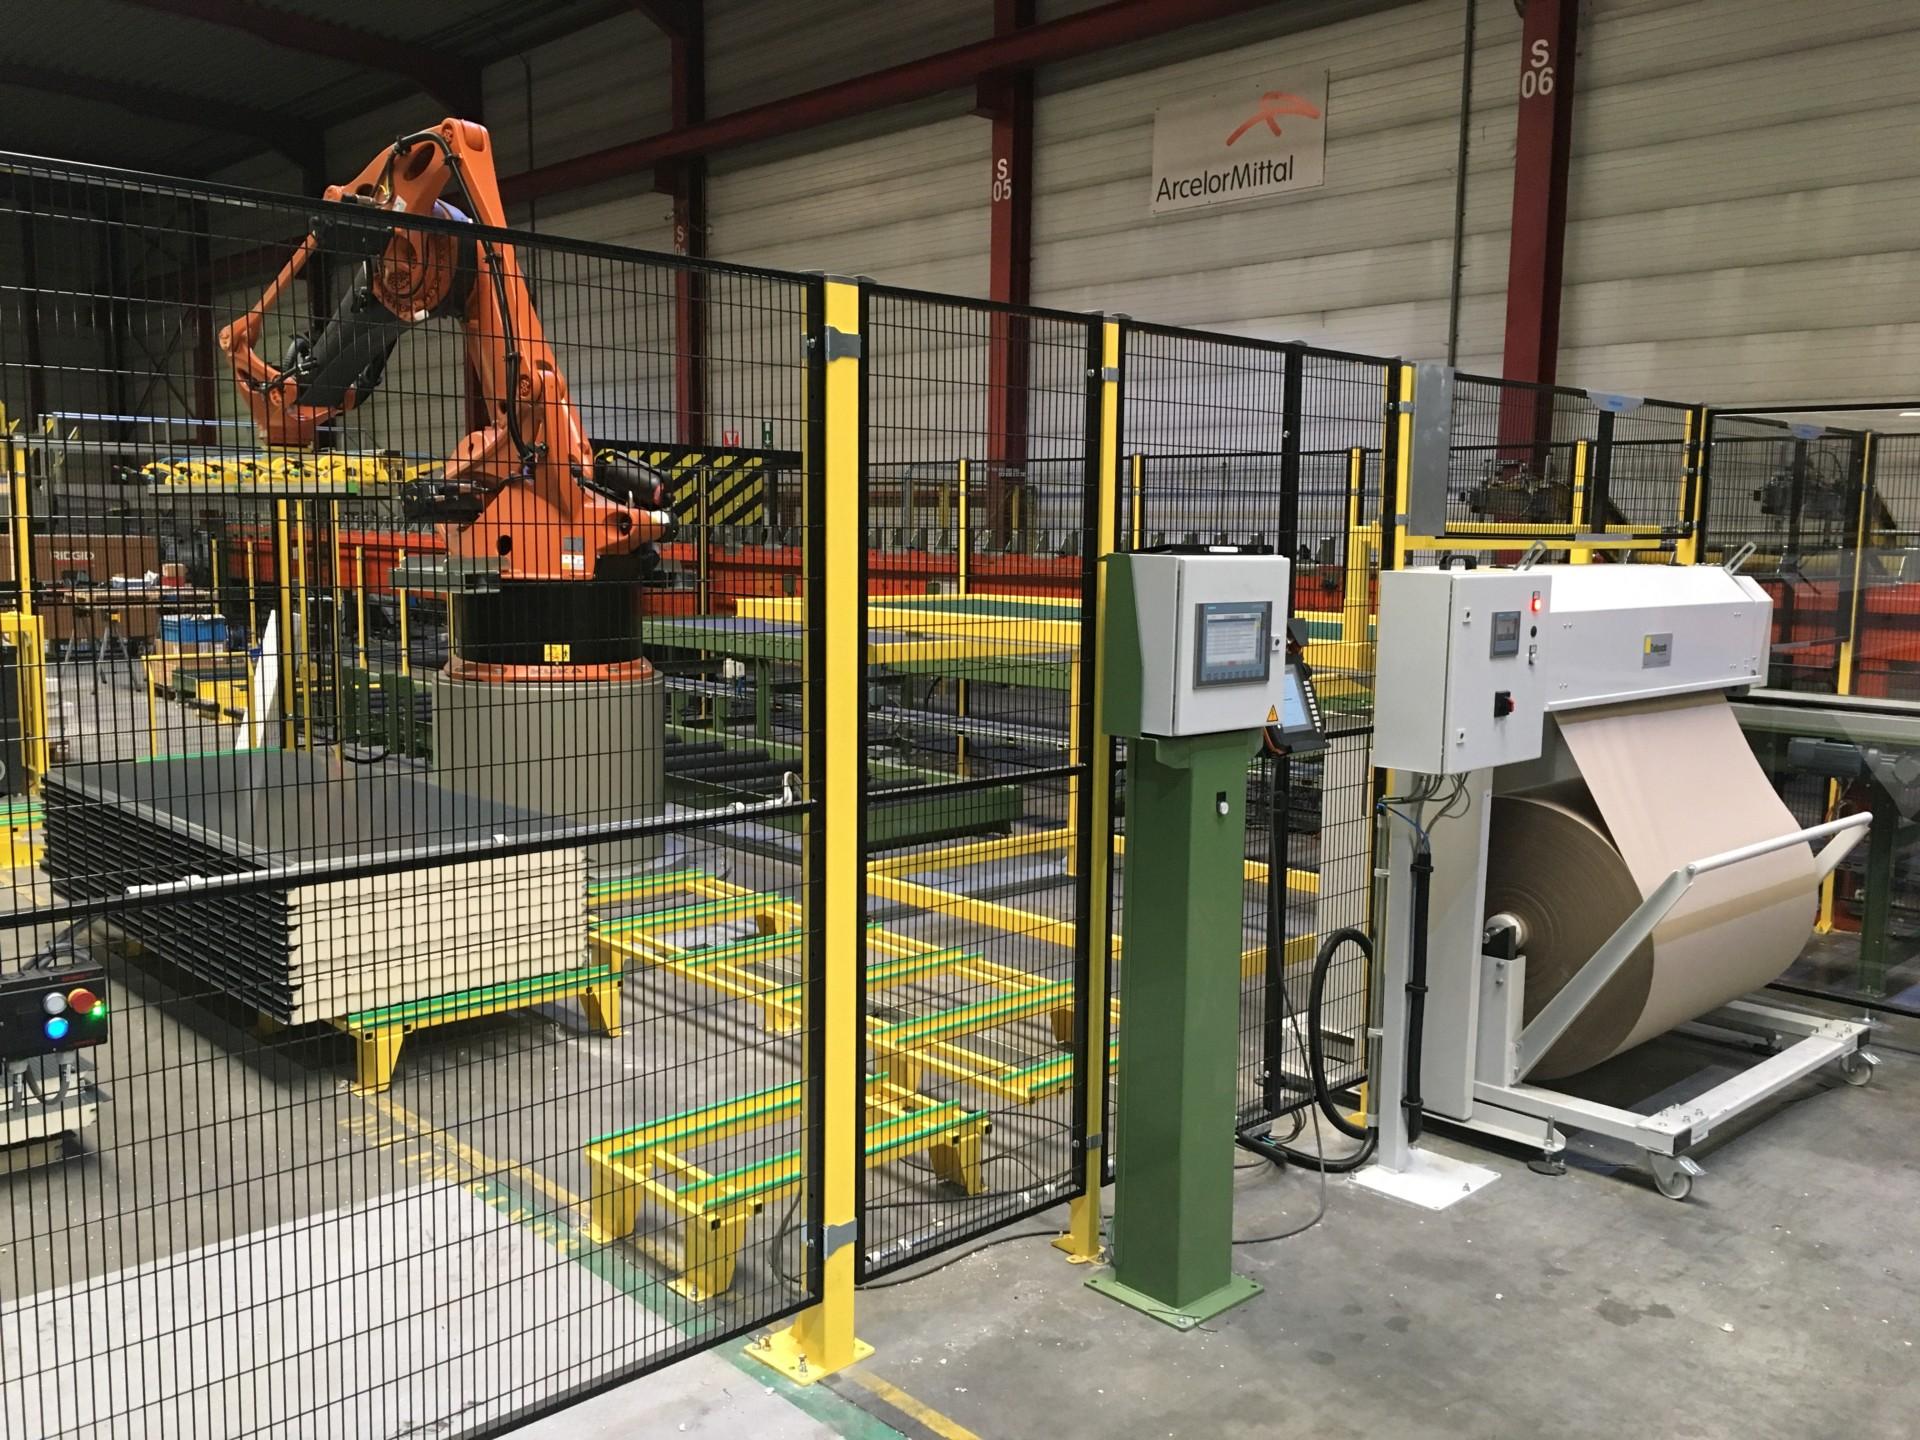 Tallpack vend son premier 'Distributeur de feuilles entièrement automatisé' en Belgique et augmente la durabilité de la chaîne